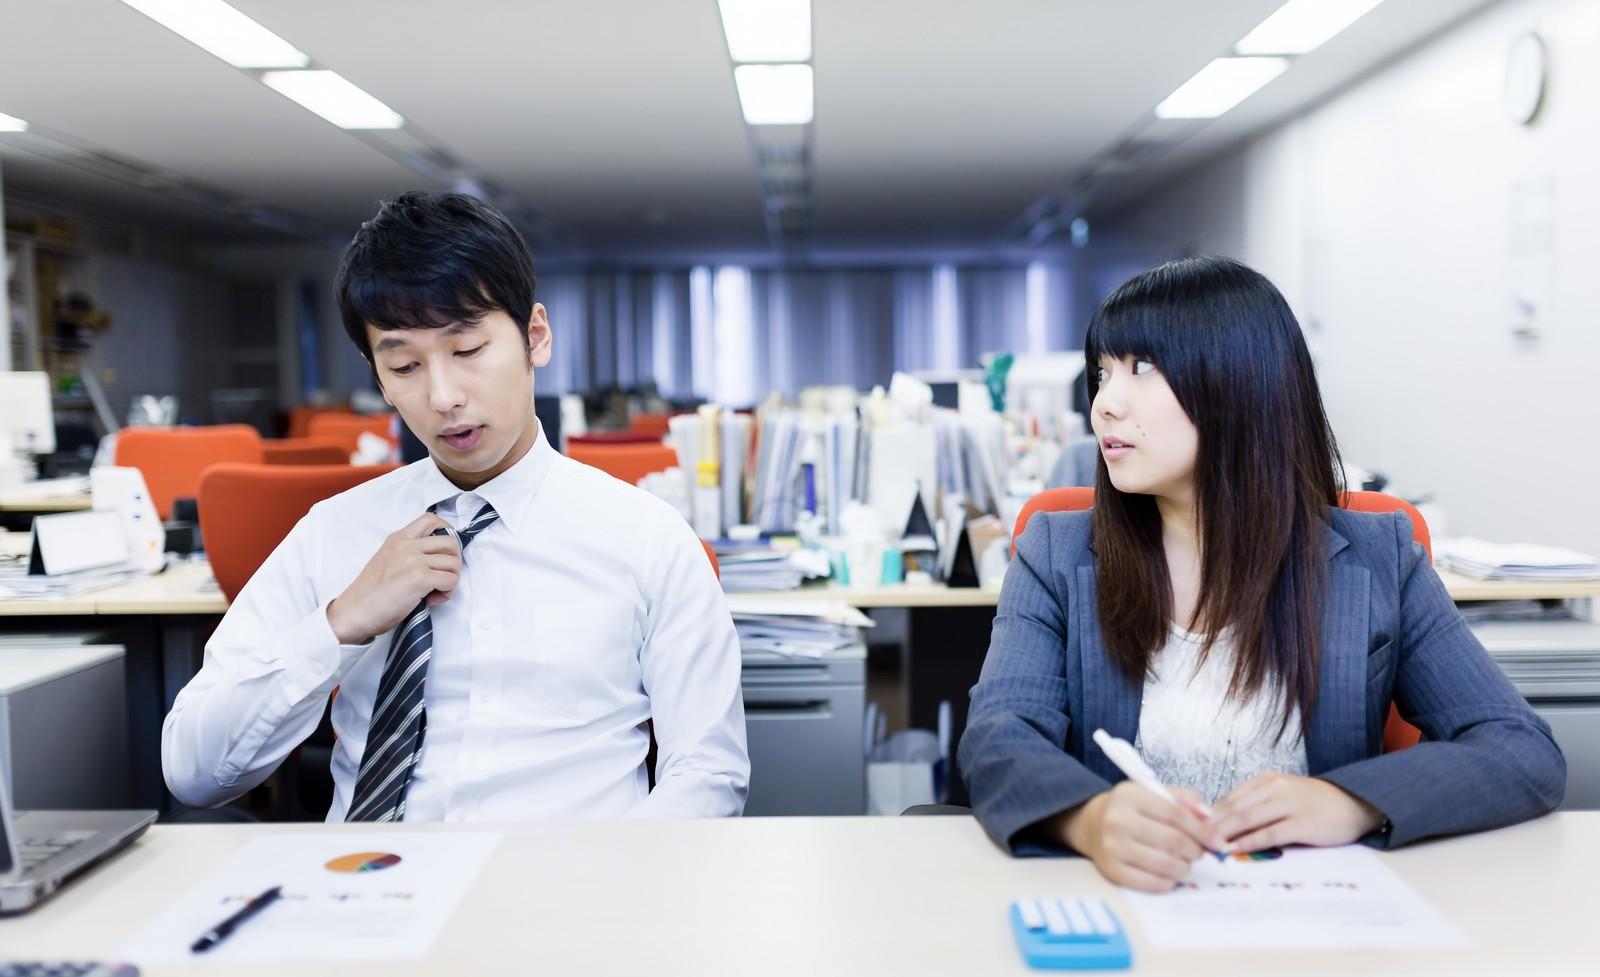 【東京都港区汐留の求人】通信会社での設計サポート ※エクセル基本操作できる方歓迎